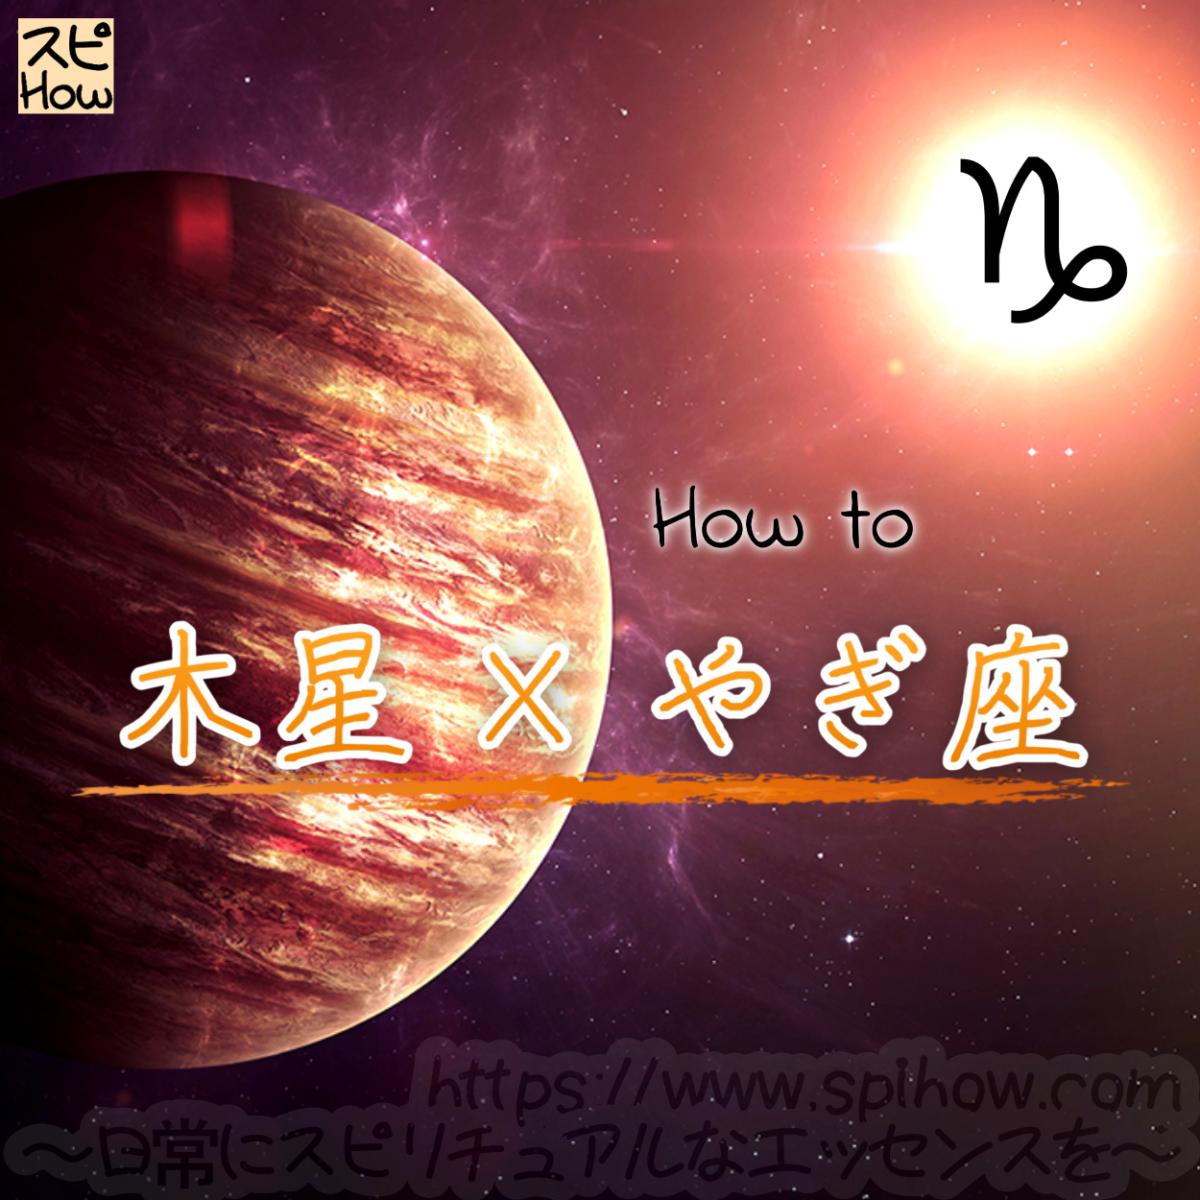 木星のやぎ座時代を先取りする方法!それまでの間にするべき事とは?